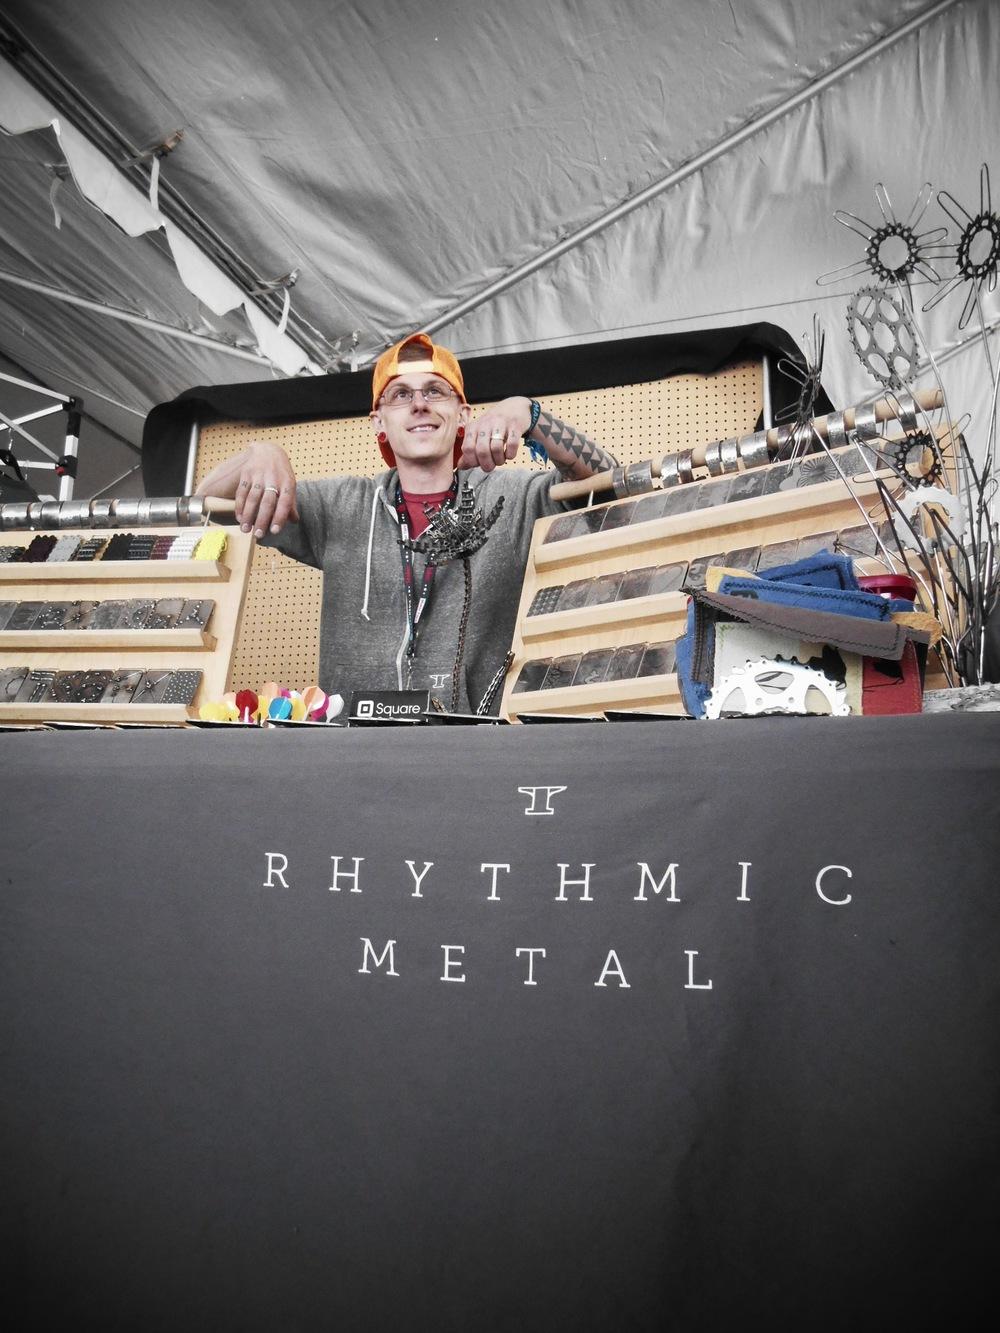 RhythmicMetal2014.JPG